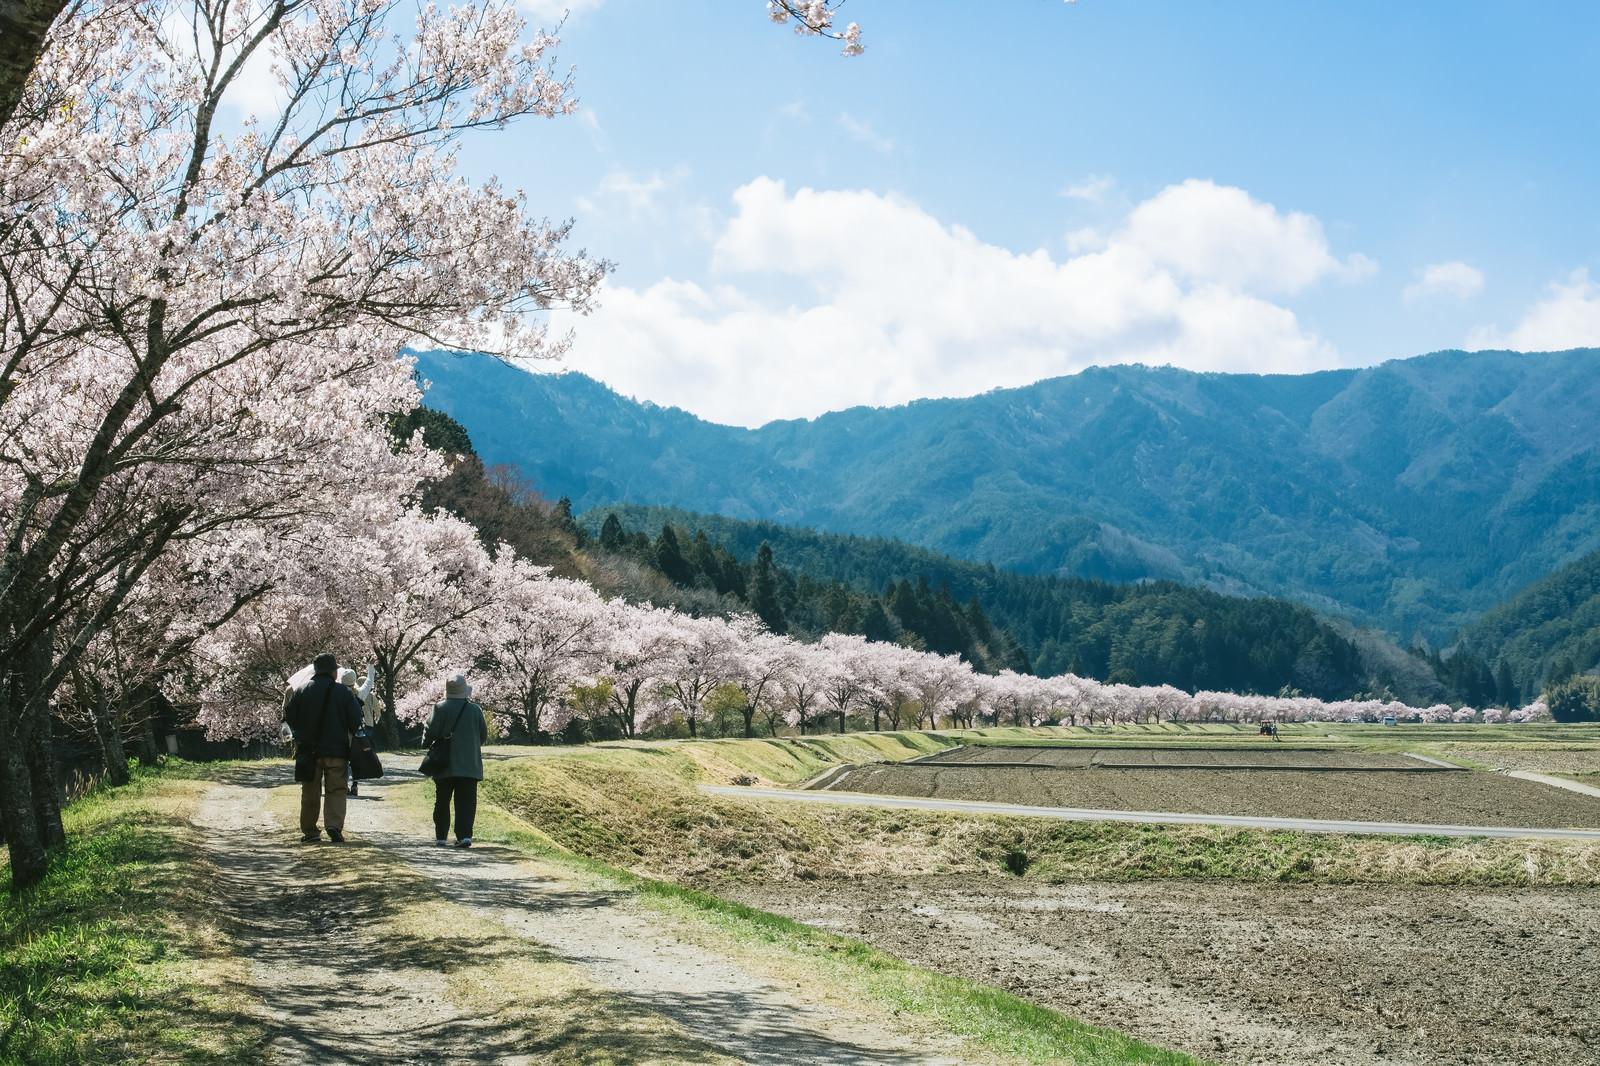 「桜並木を花見しながら歩く観光客」の写真